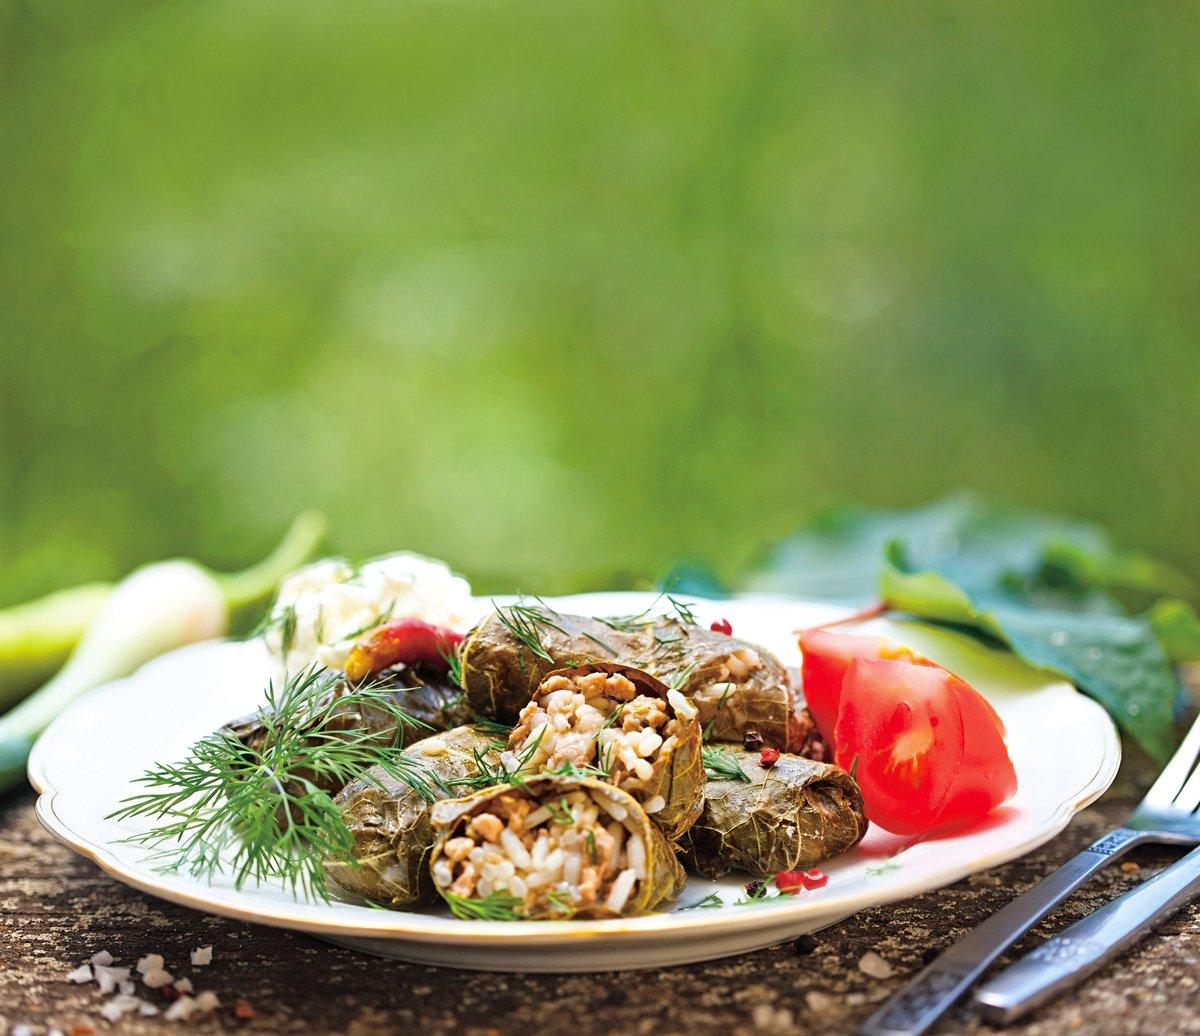 希臘粽的內餡以米為主,也可以加入肉類和蔬菜。